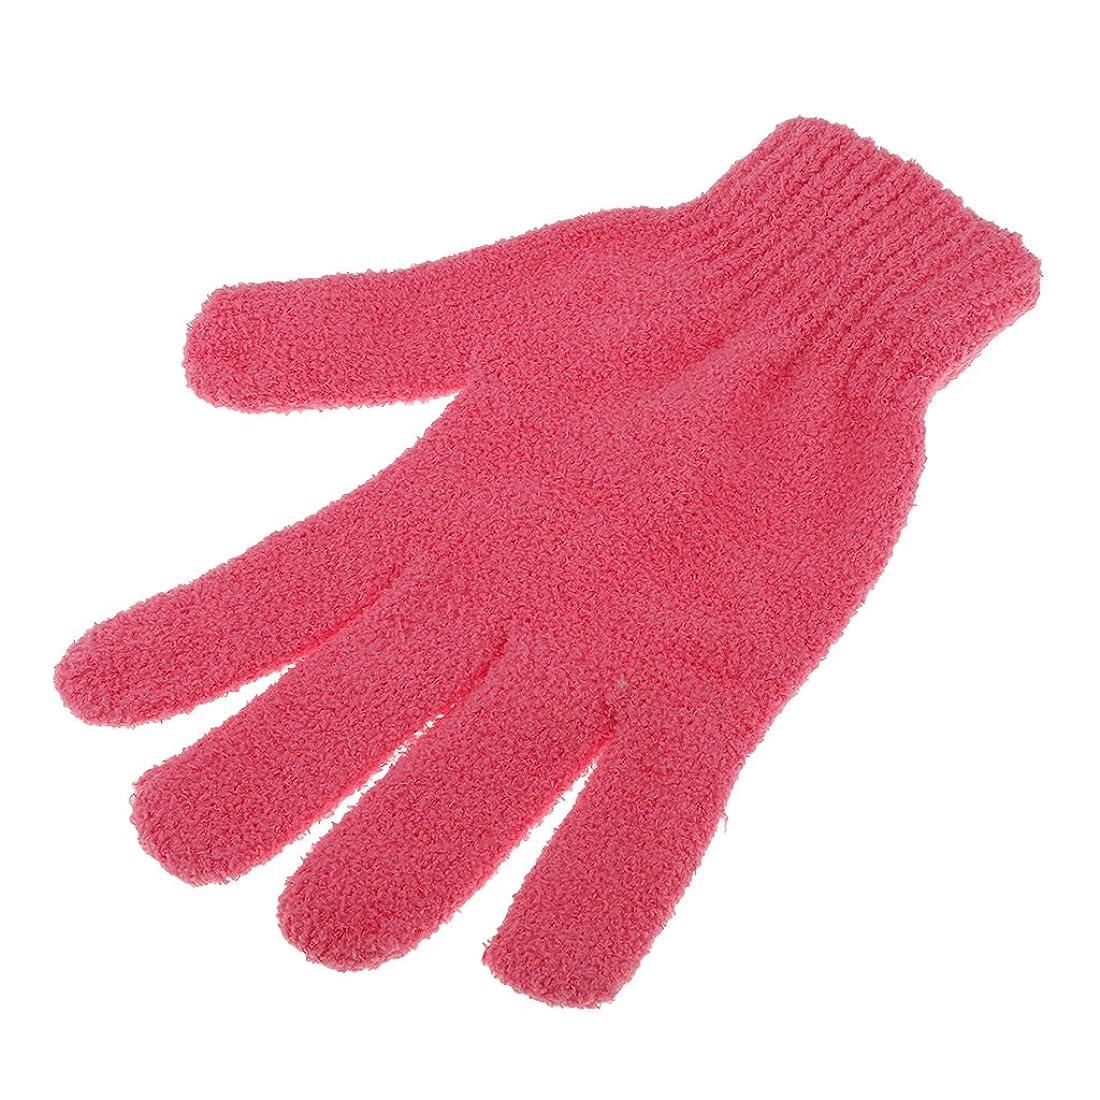 アクロバットセンターに渡ってHomyl 2種選べ 綿製 髪速乾タオル 髪用 家庭用品 風呂用品 シャワー 乾燥手袋 吸水性 速乾性  - 赤, 1枚